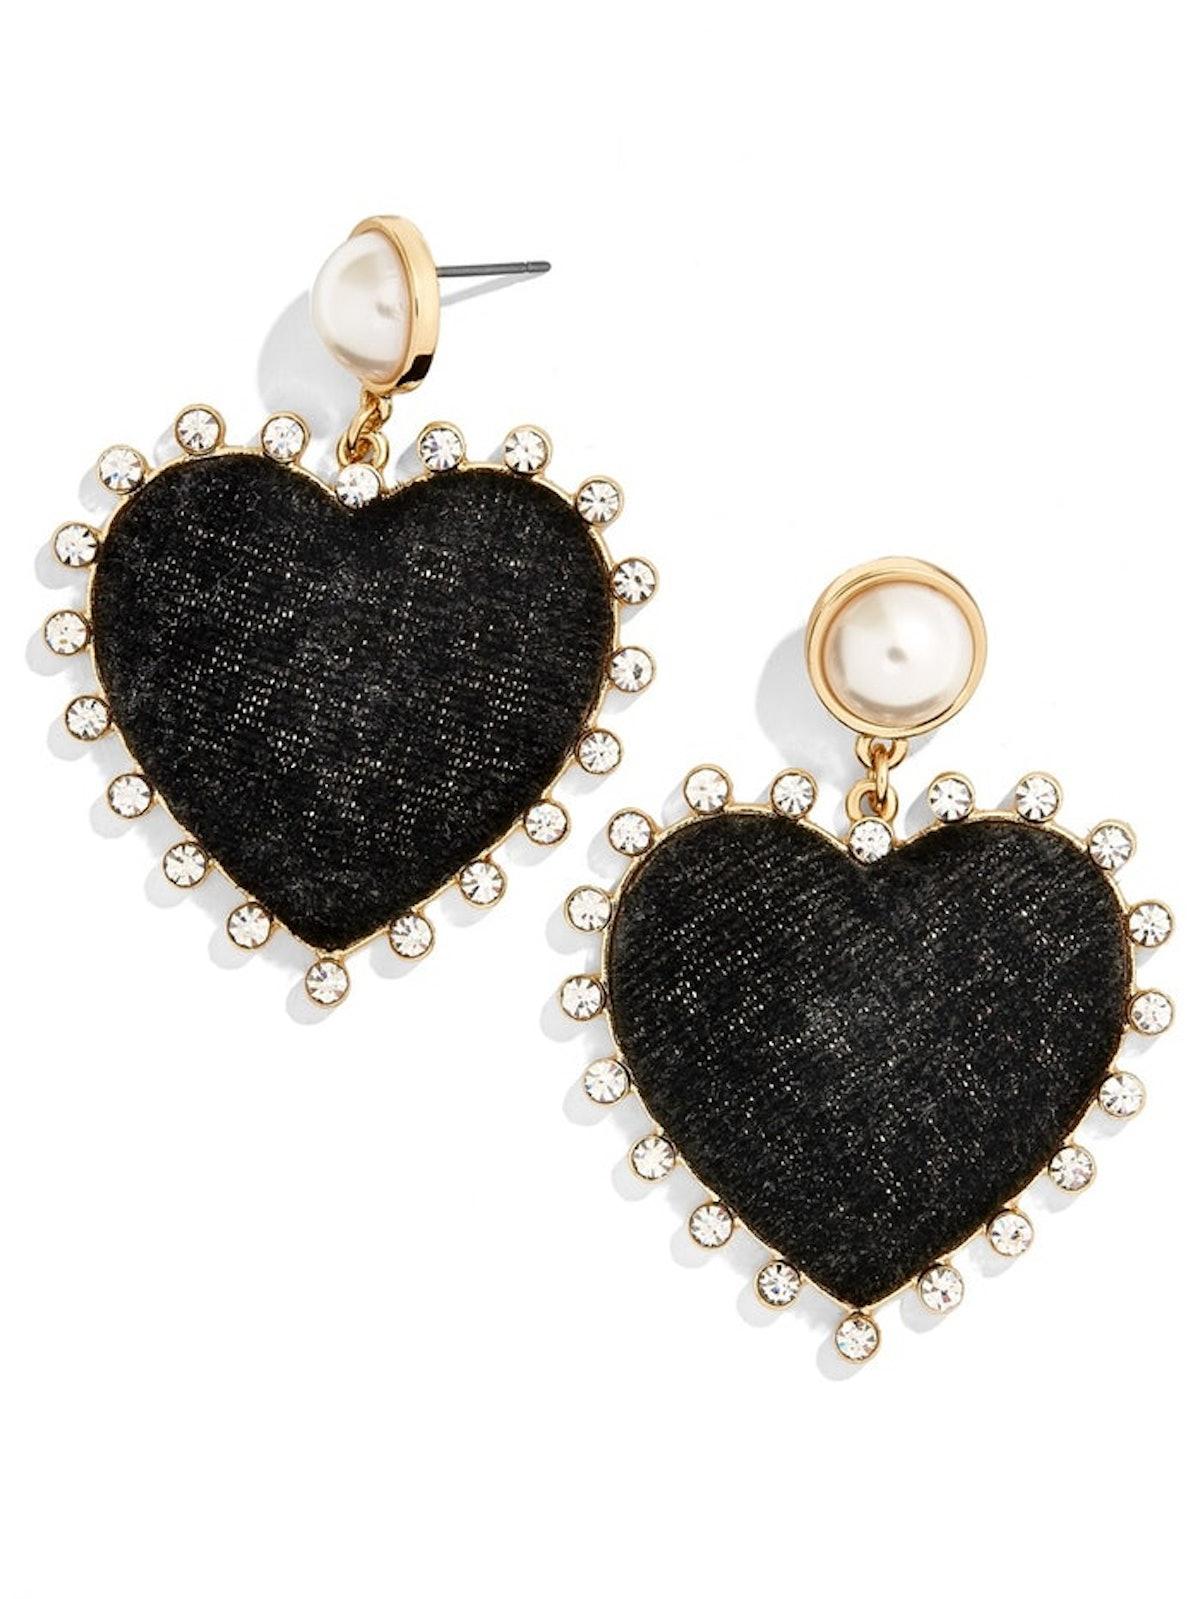 Jag Heart Earrings